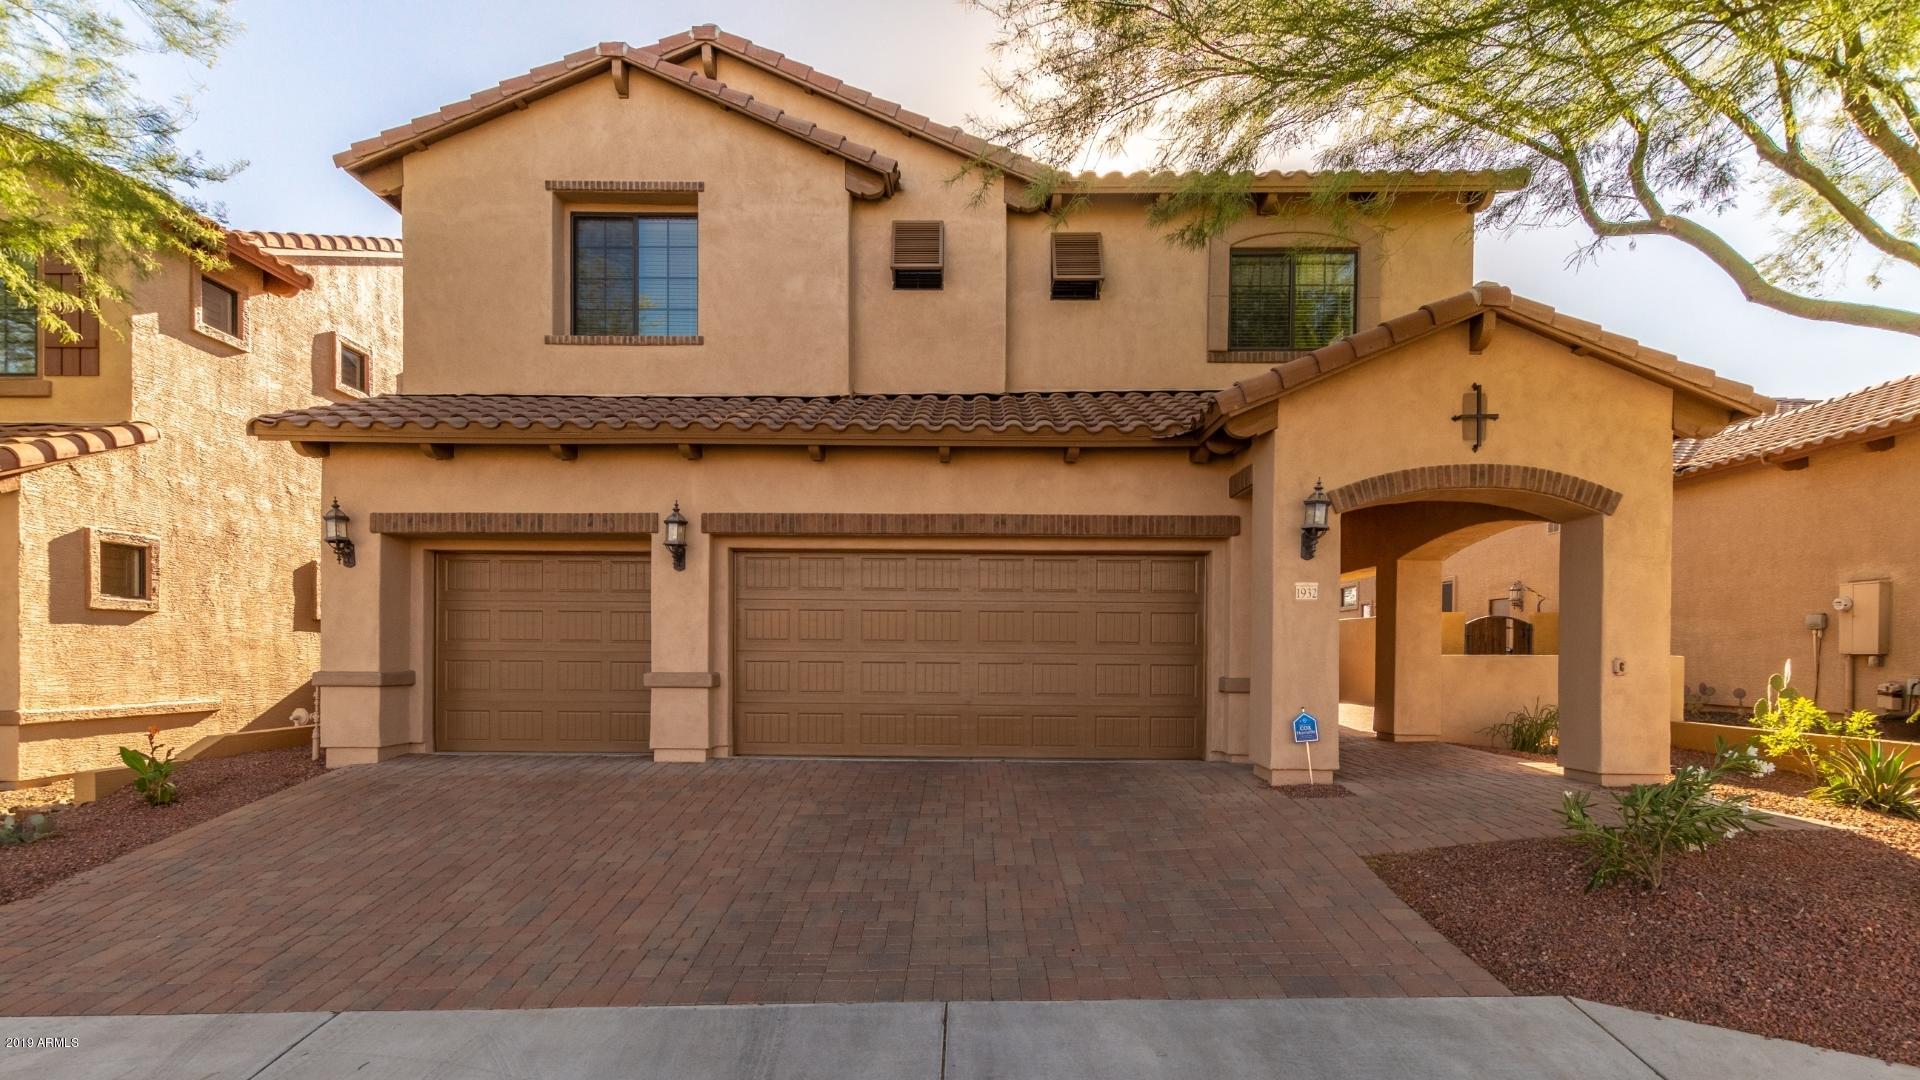 MLS 5929763 1932 N Channing Drive, Mesa, AZ 85207 Mesa AZ Mountain Bridge